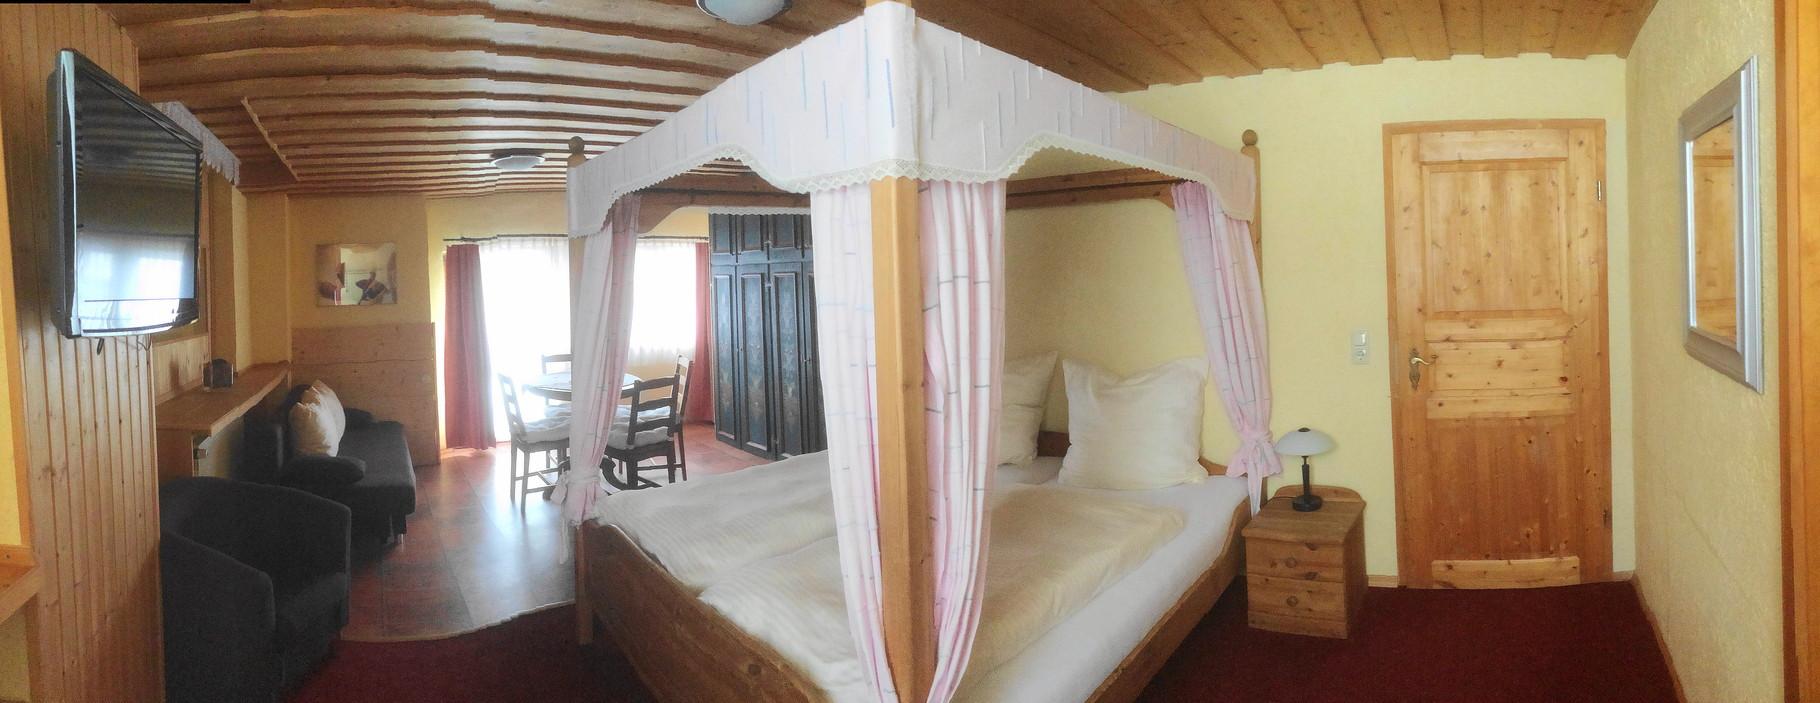 Franz-Josef-Zimmer mit Himmelbett